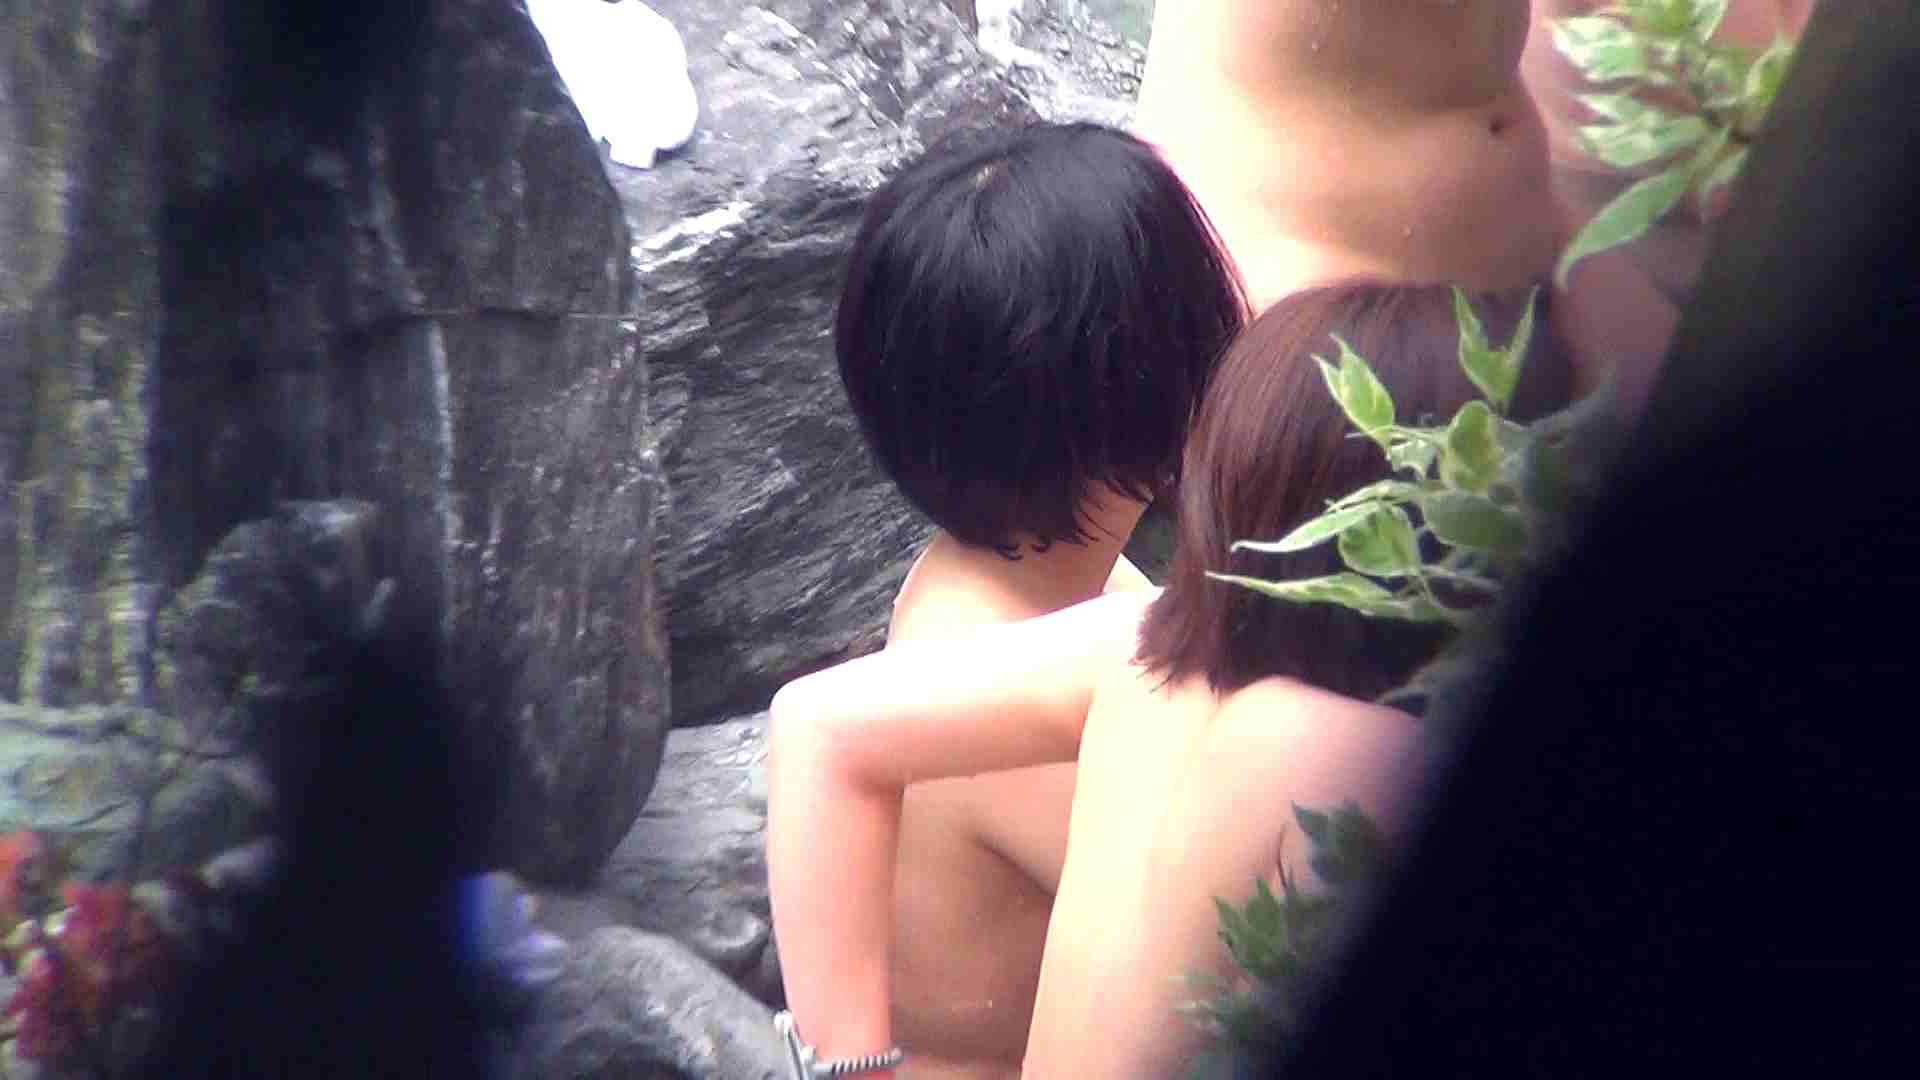 Aquaな露天風呂Vol.276 盗撮師作品 | 美しいOLの裸体  87pic 40